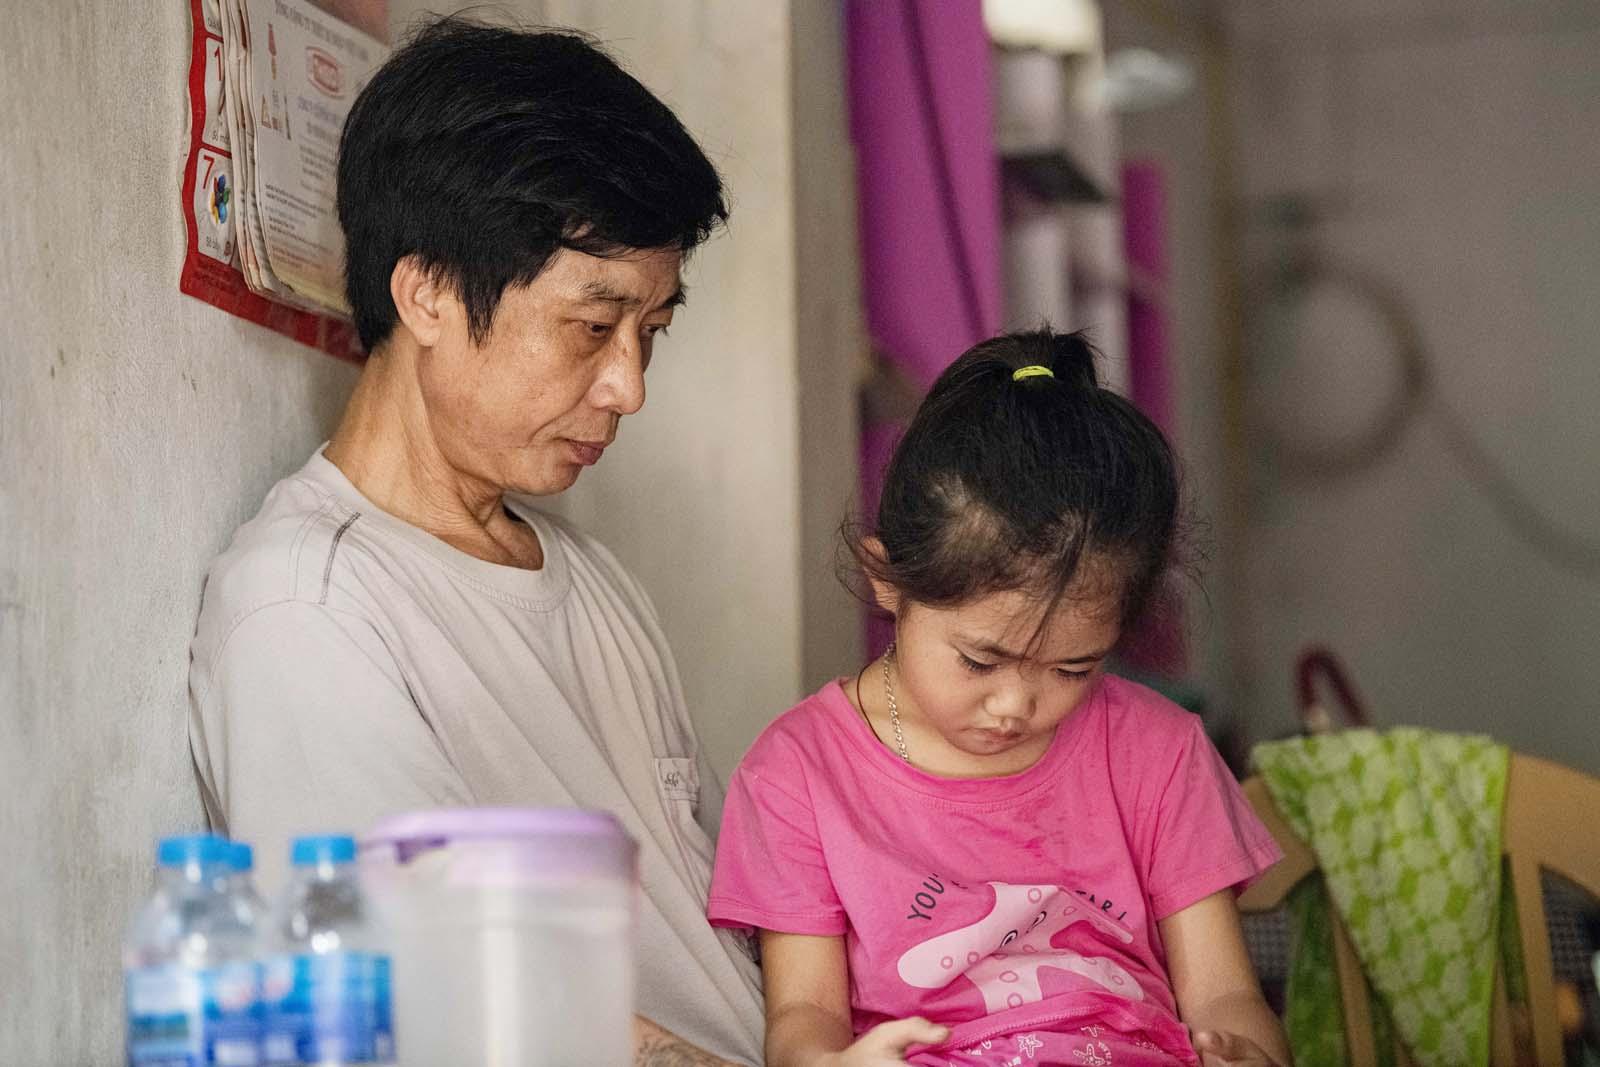 Thiên thần 7 tuổi 2 lần mồ côi mẹ, tự tay chăm sóc bố mắc bạo bệnh và giấc mơ nhói lòng - 5